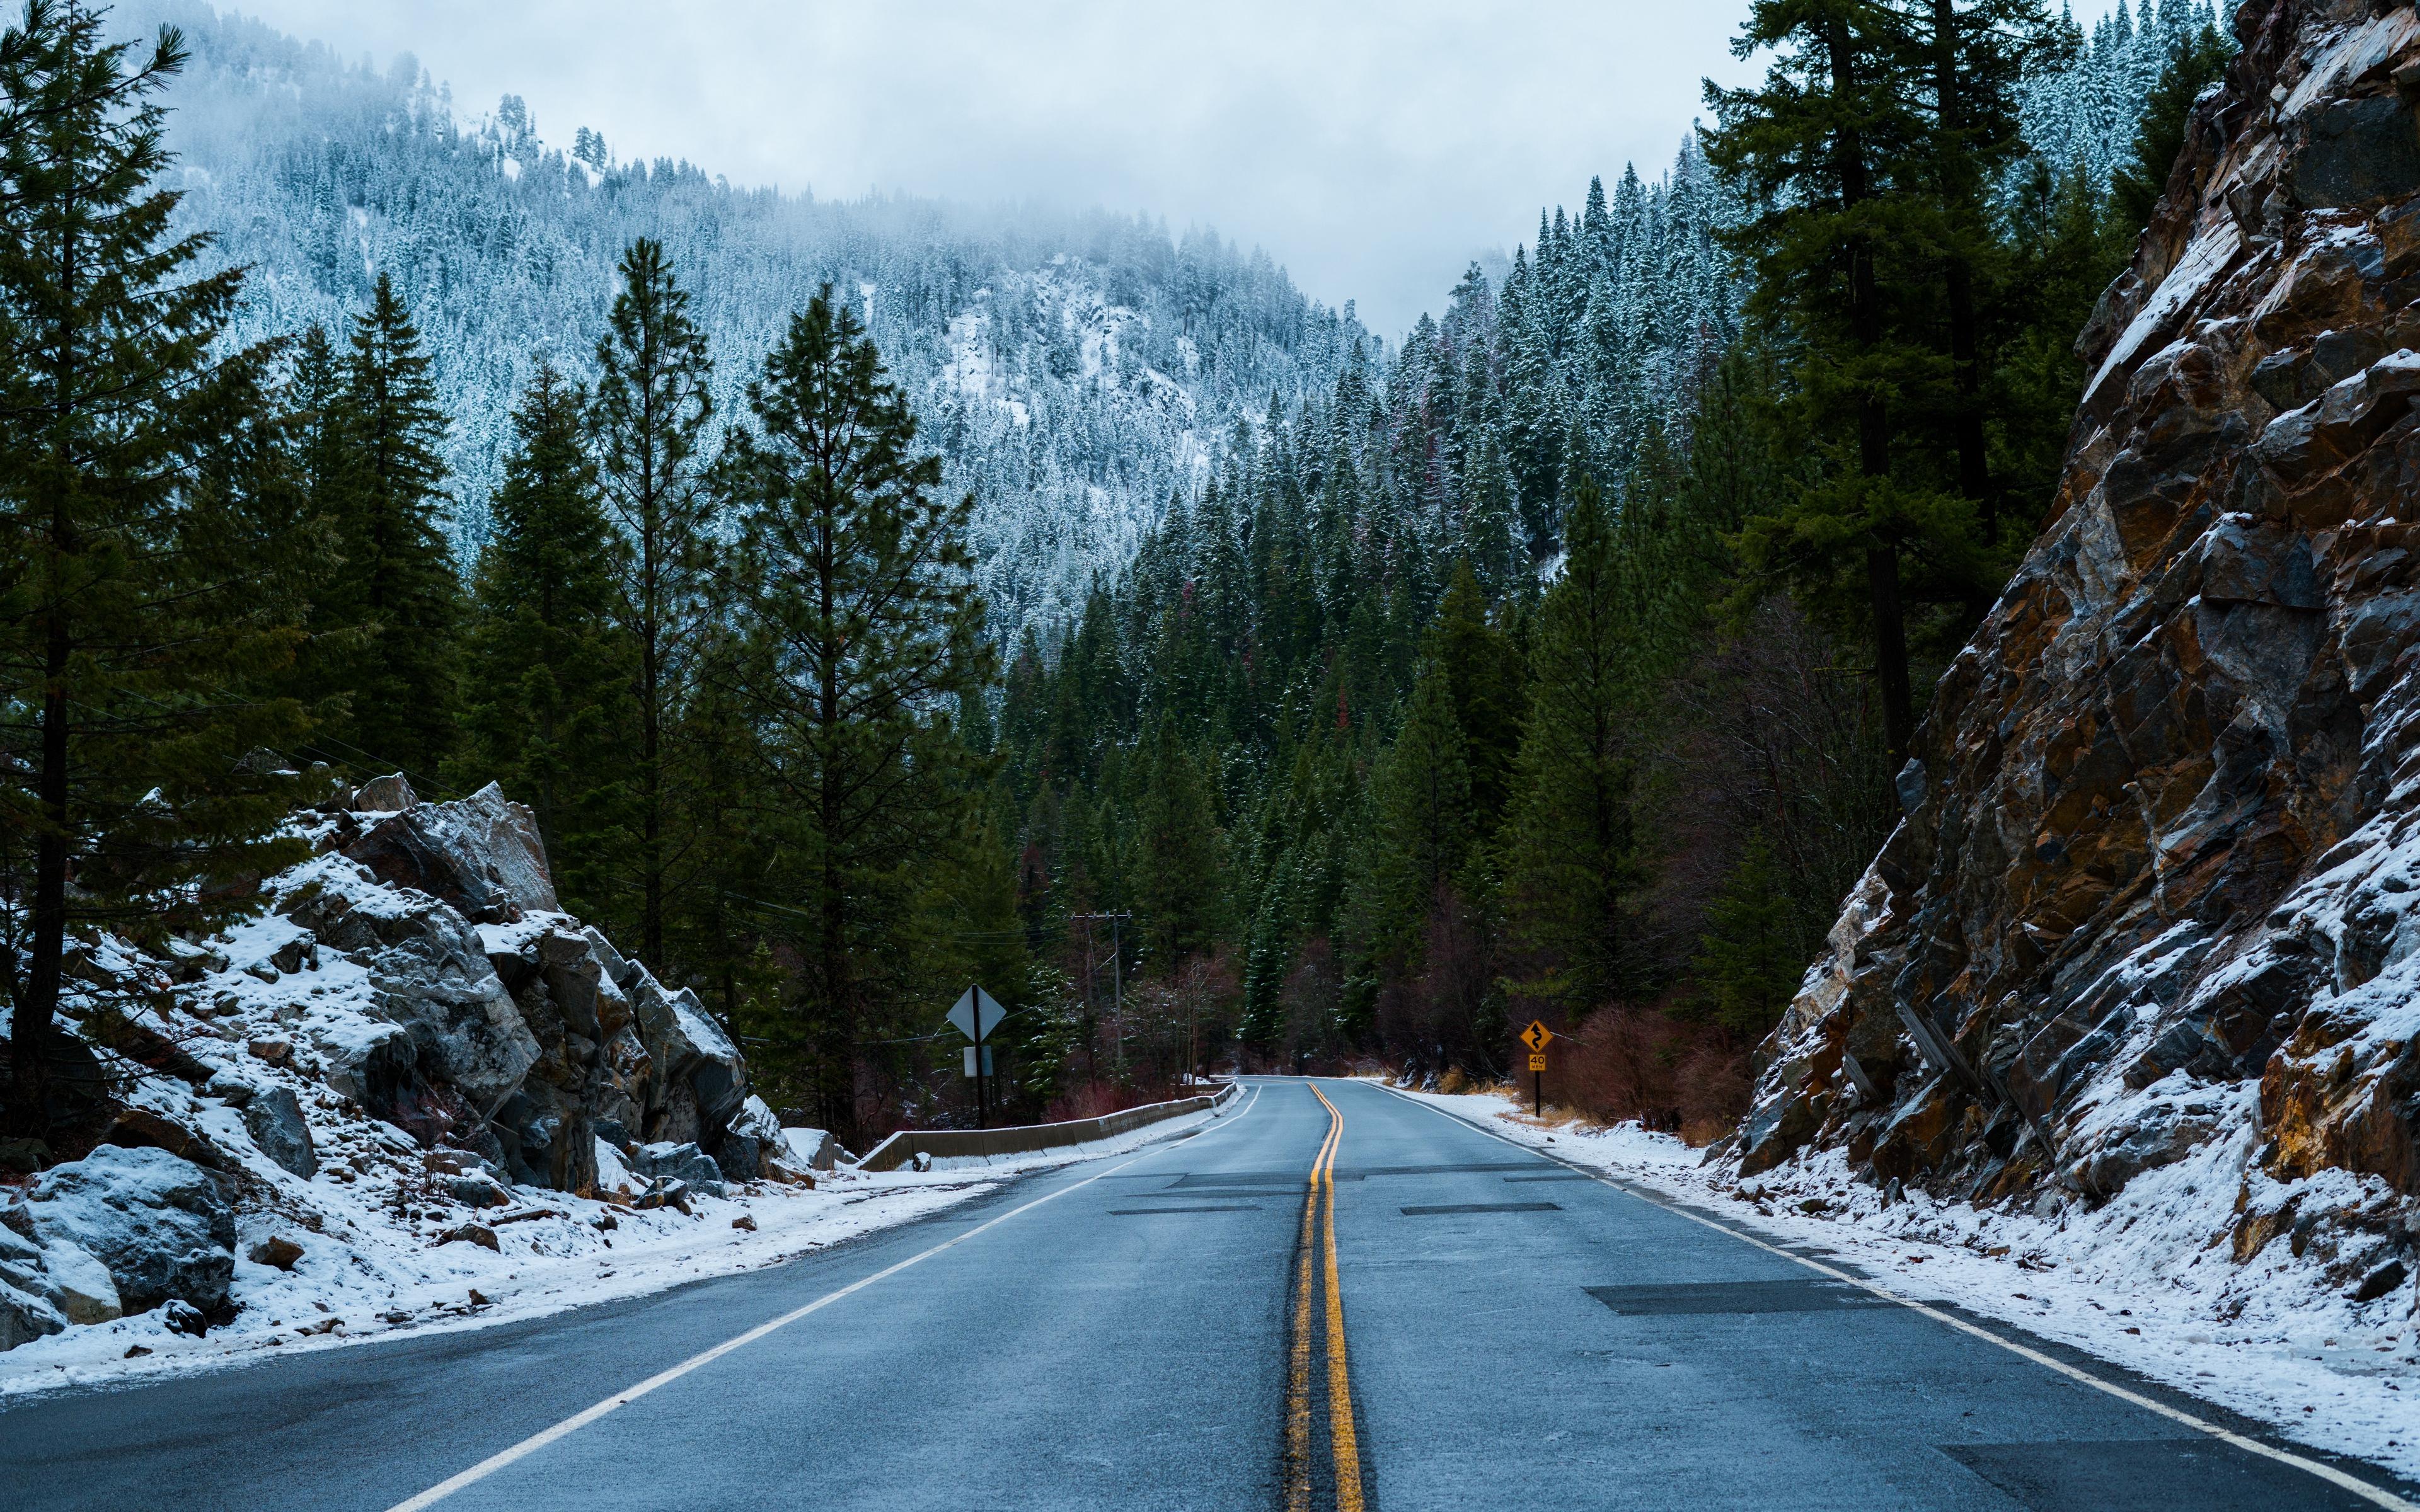 Winter Wallpaper 4k Posted By Ryan Walker